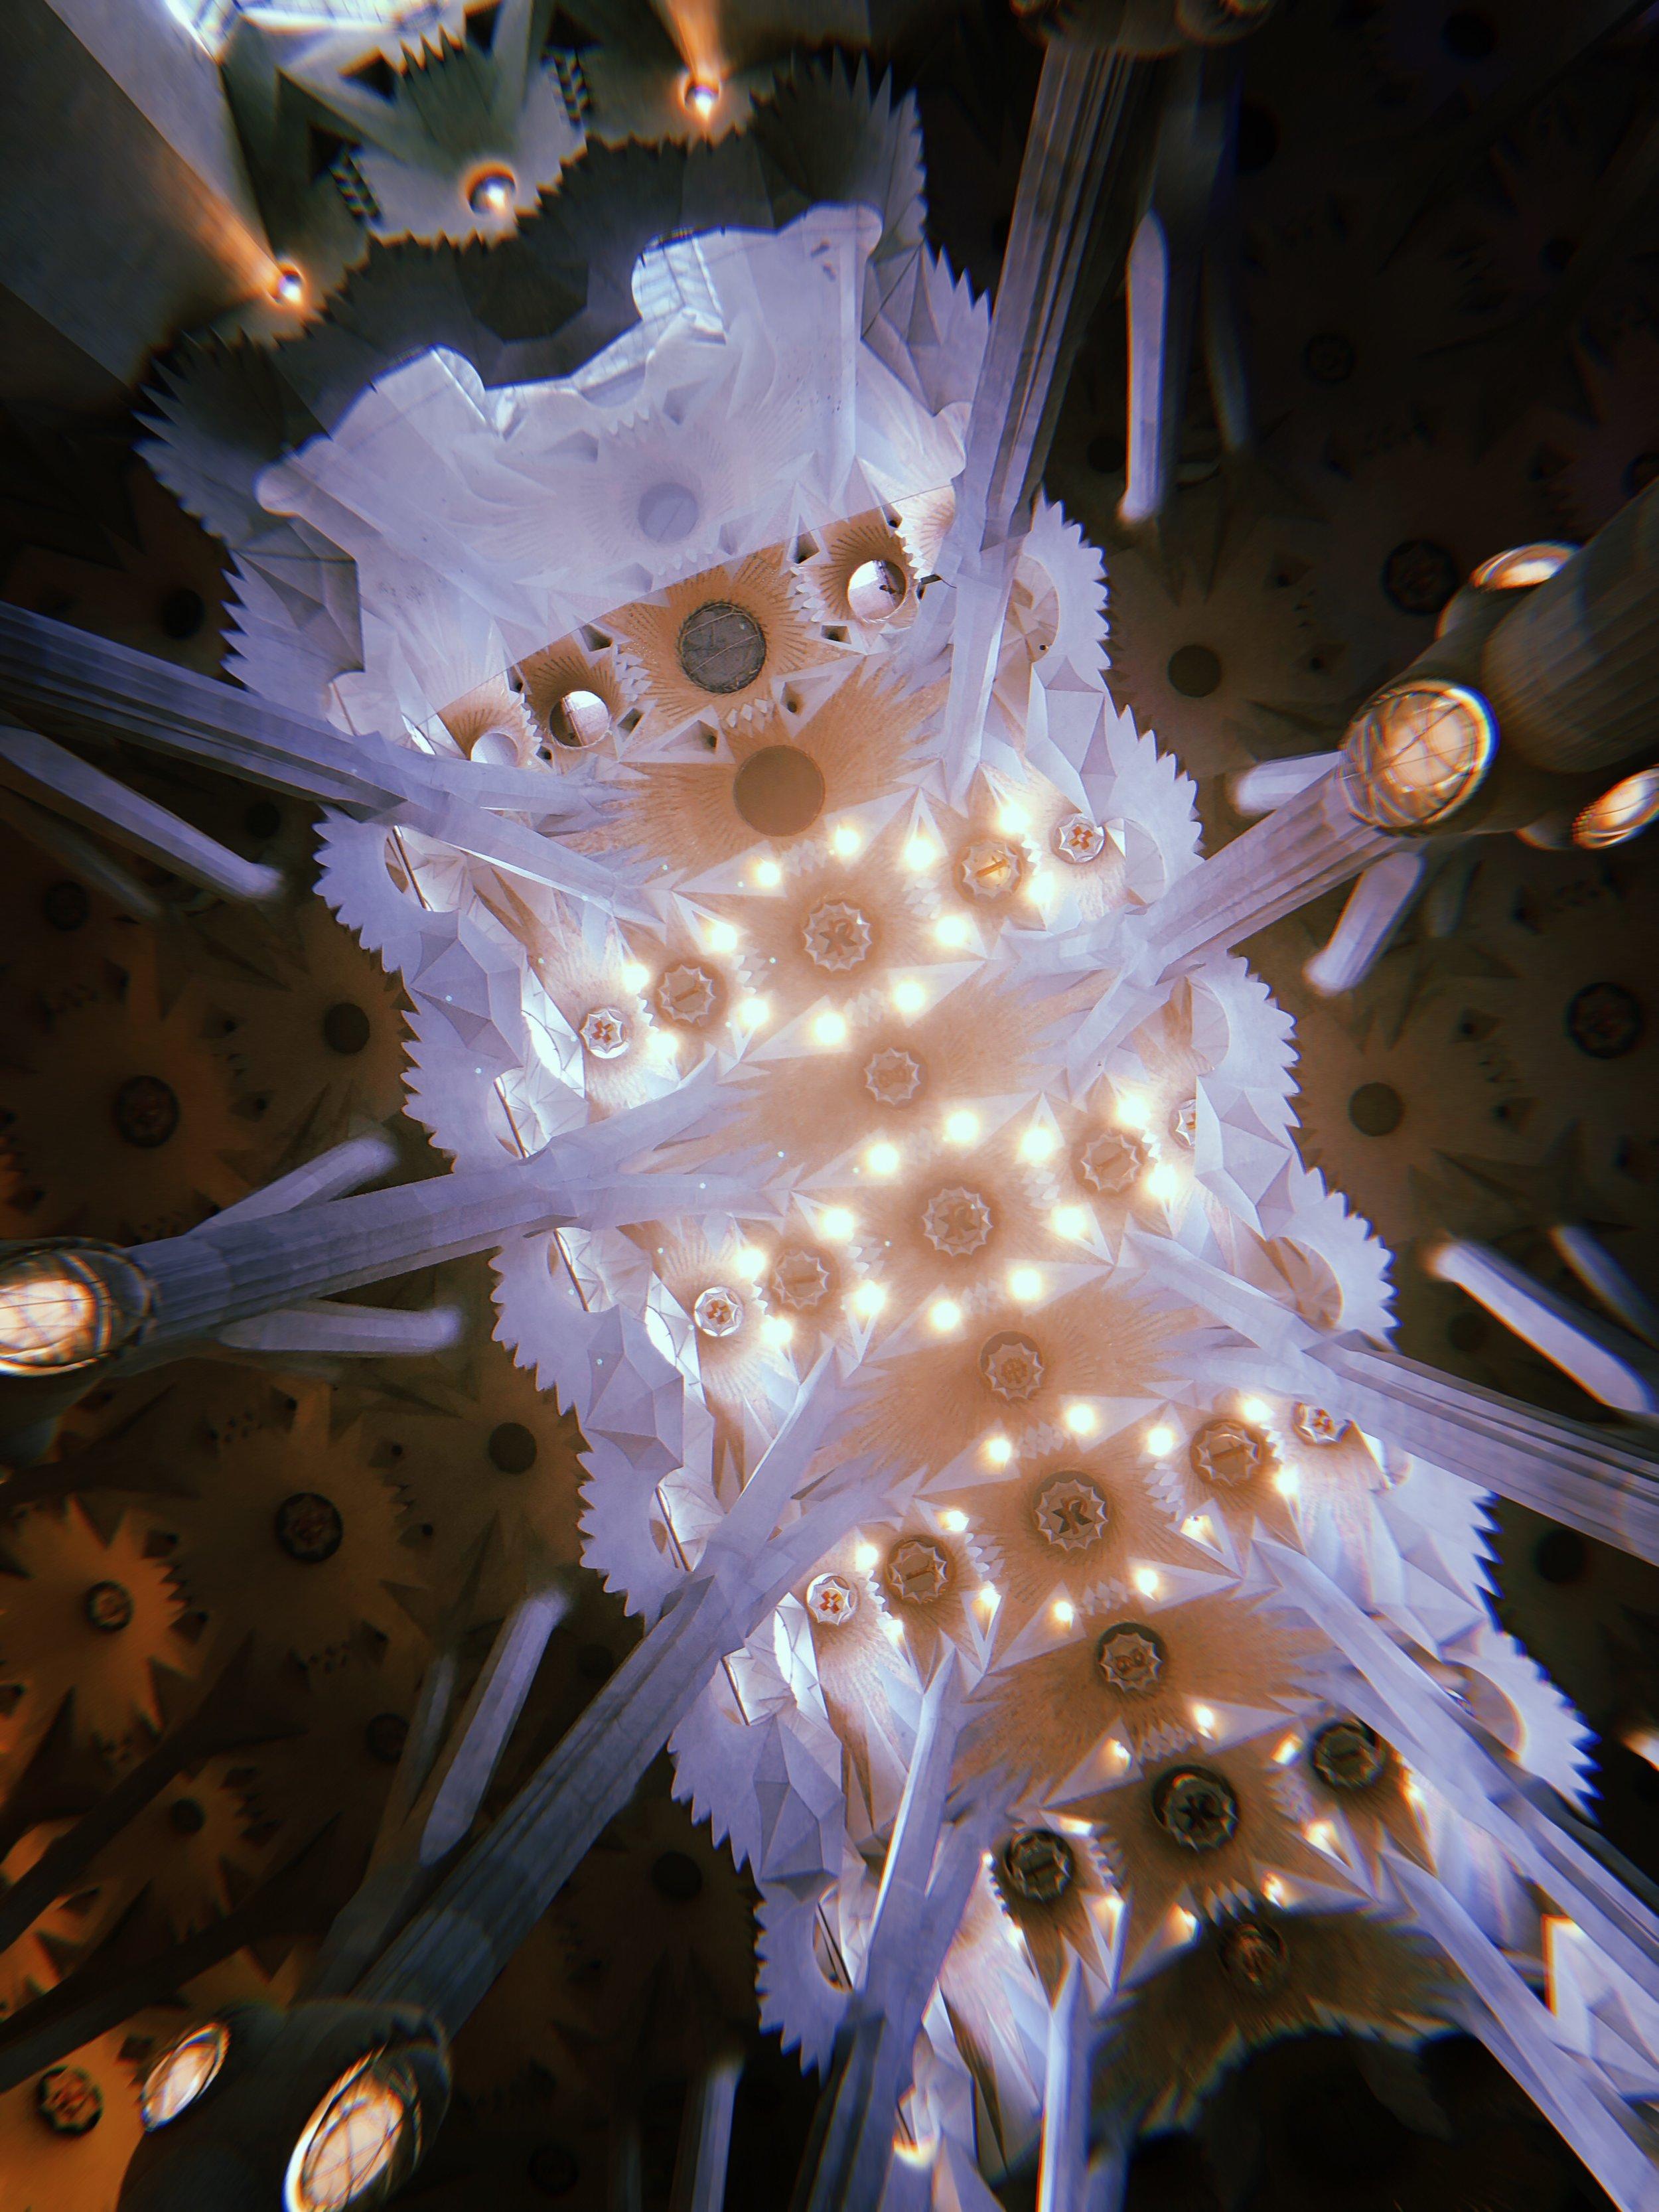 Sagrada Familia: The Ceiling